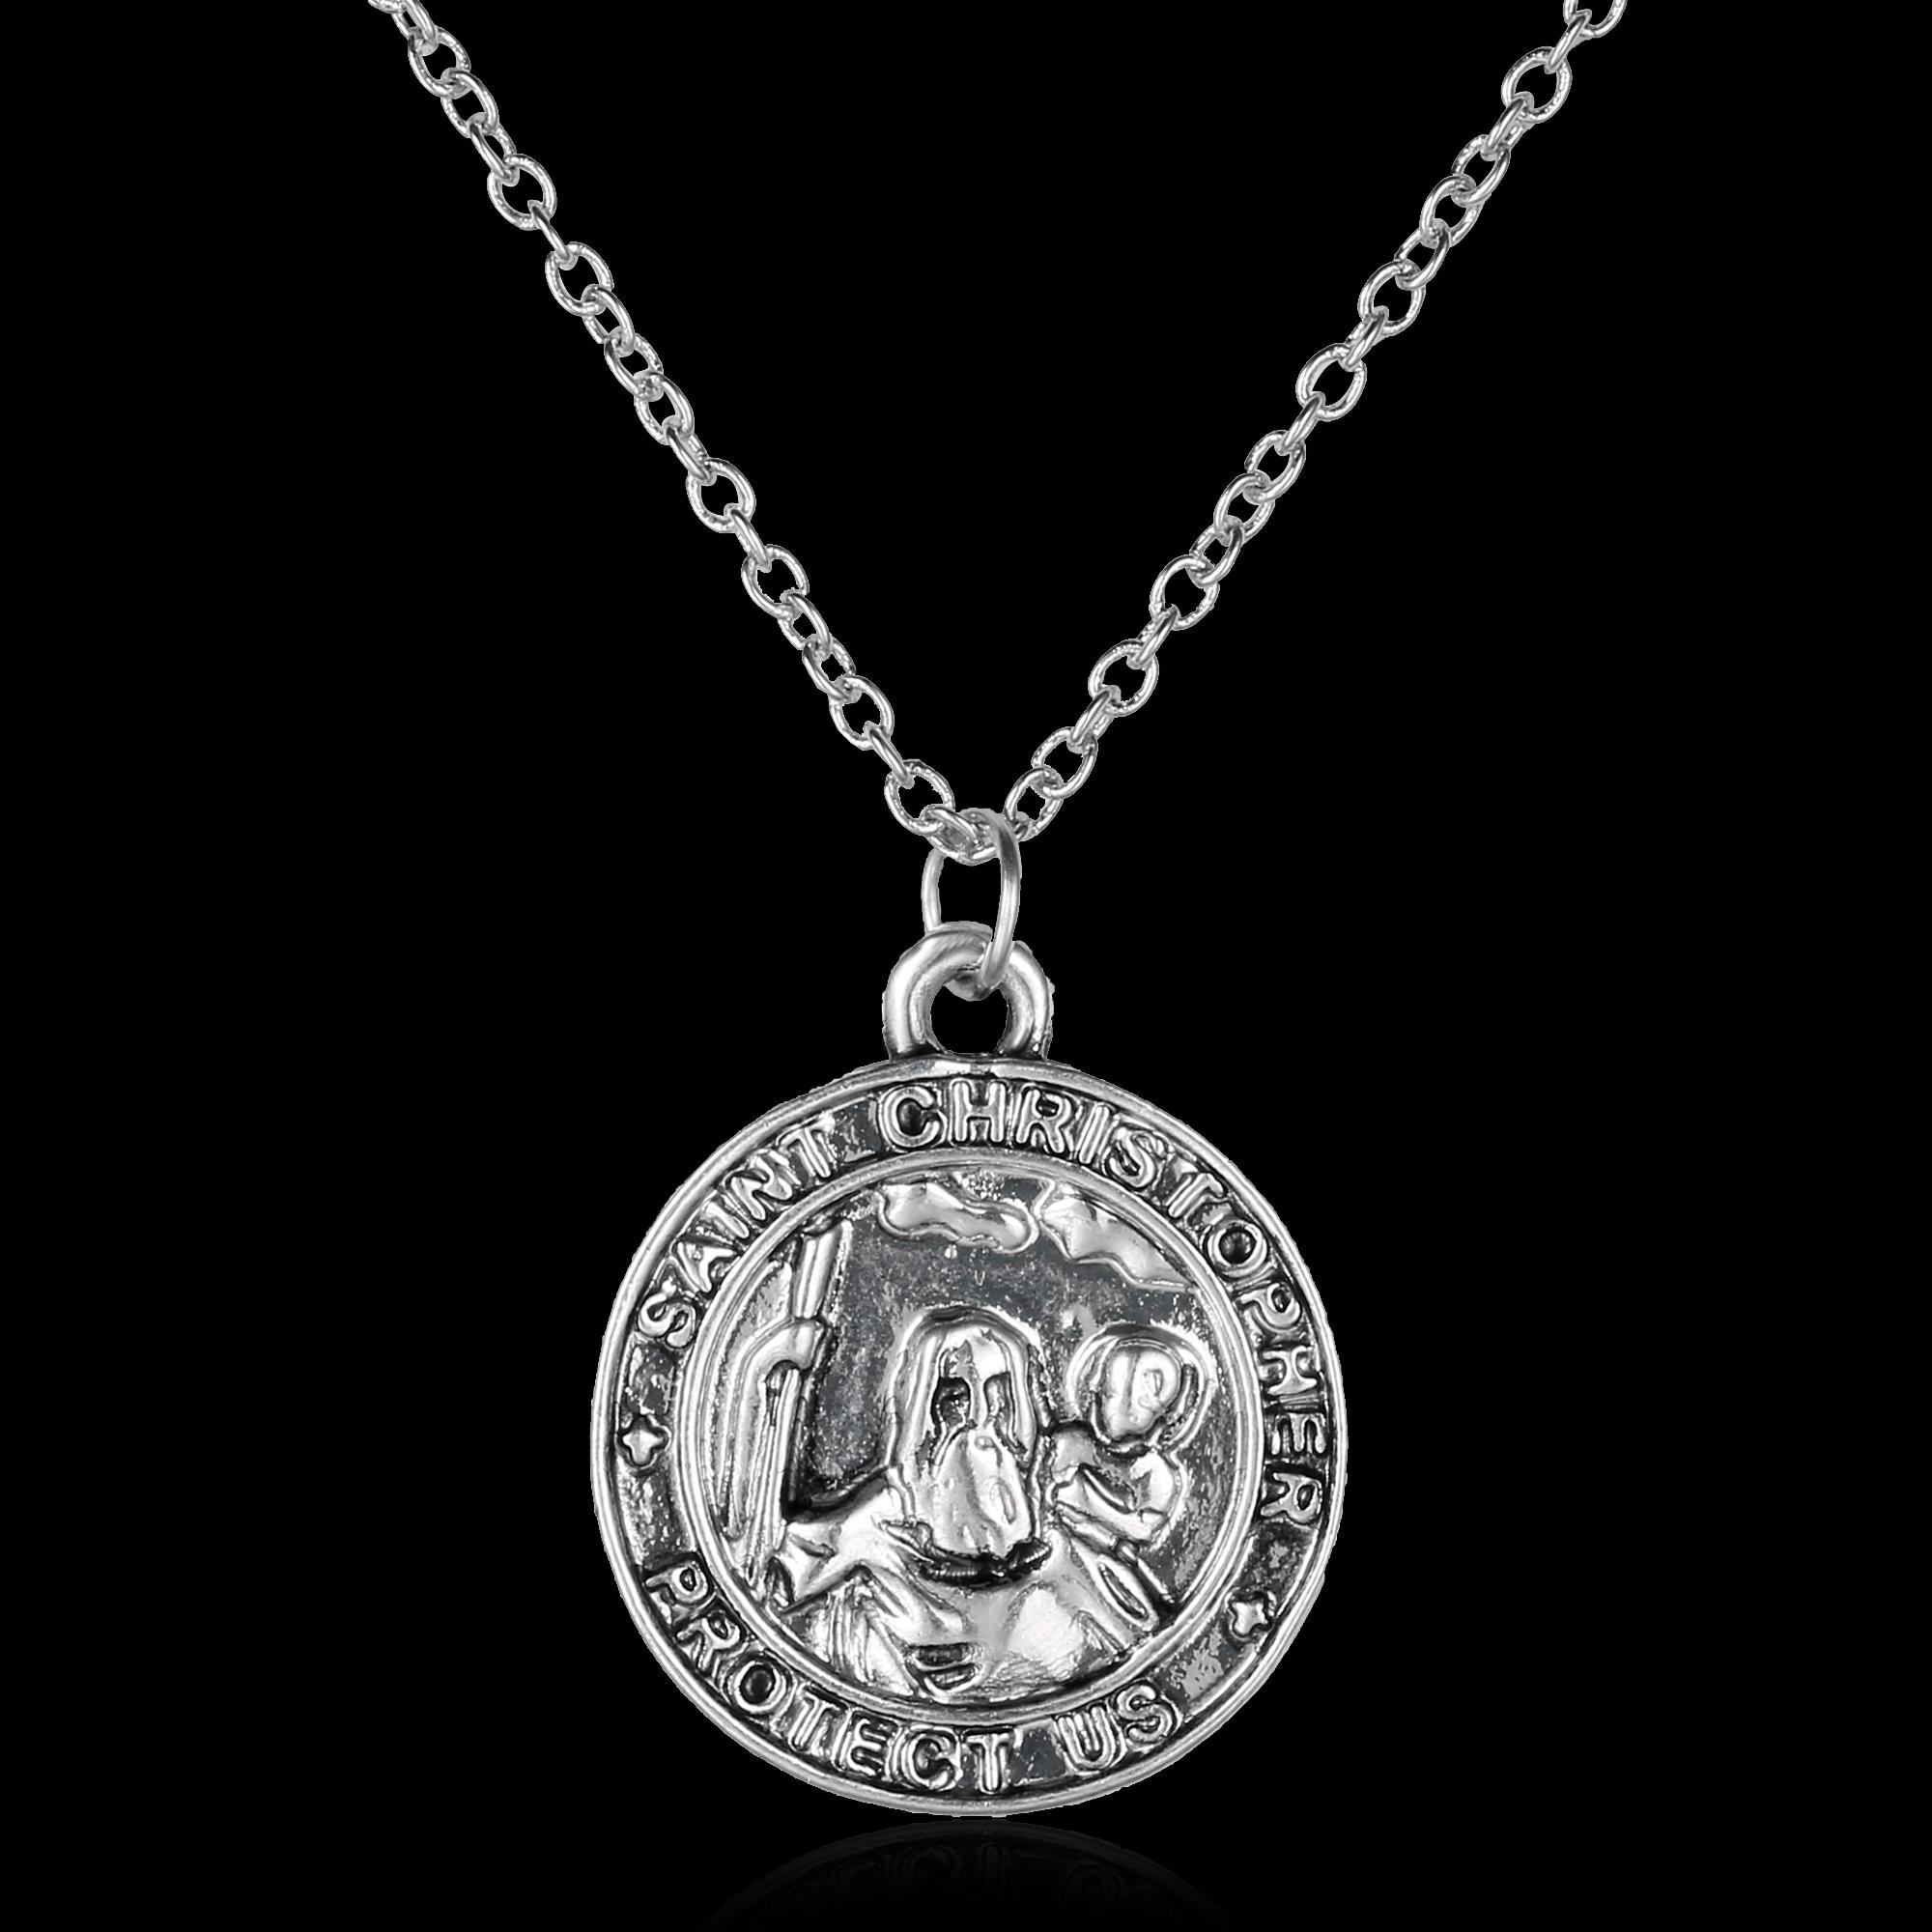 retro st christopher necklace pendant patron